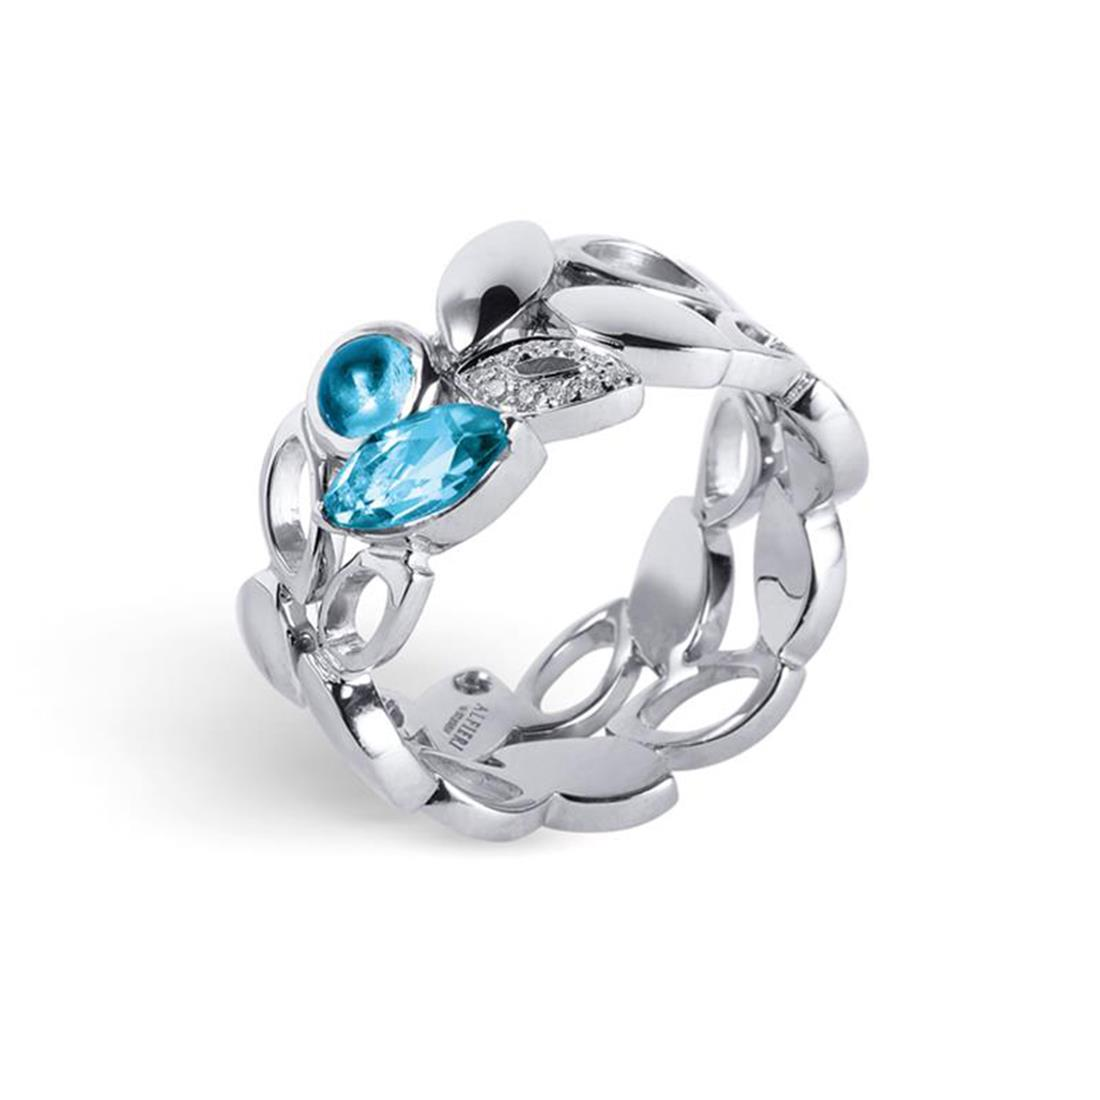 Anello in oro bianco con topazio azzurro e diamanti  - ALFIERI & ST.JOHN